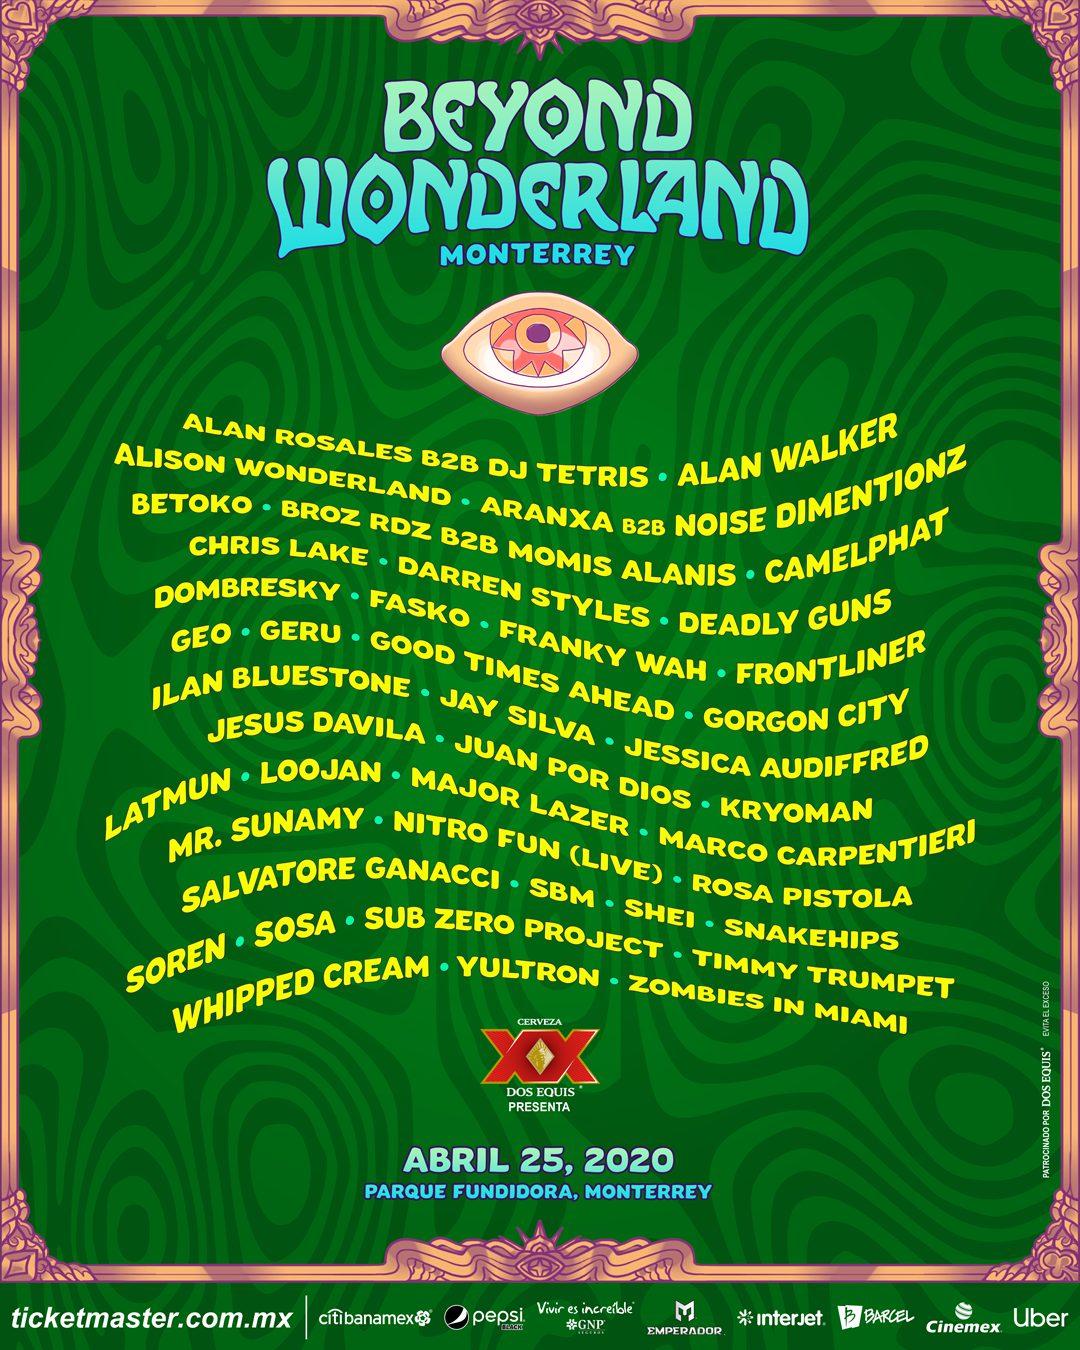 Beyond Wonderland Monterrey 2020 Lineup